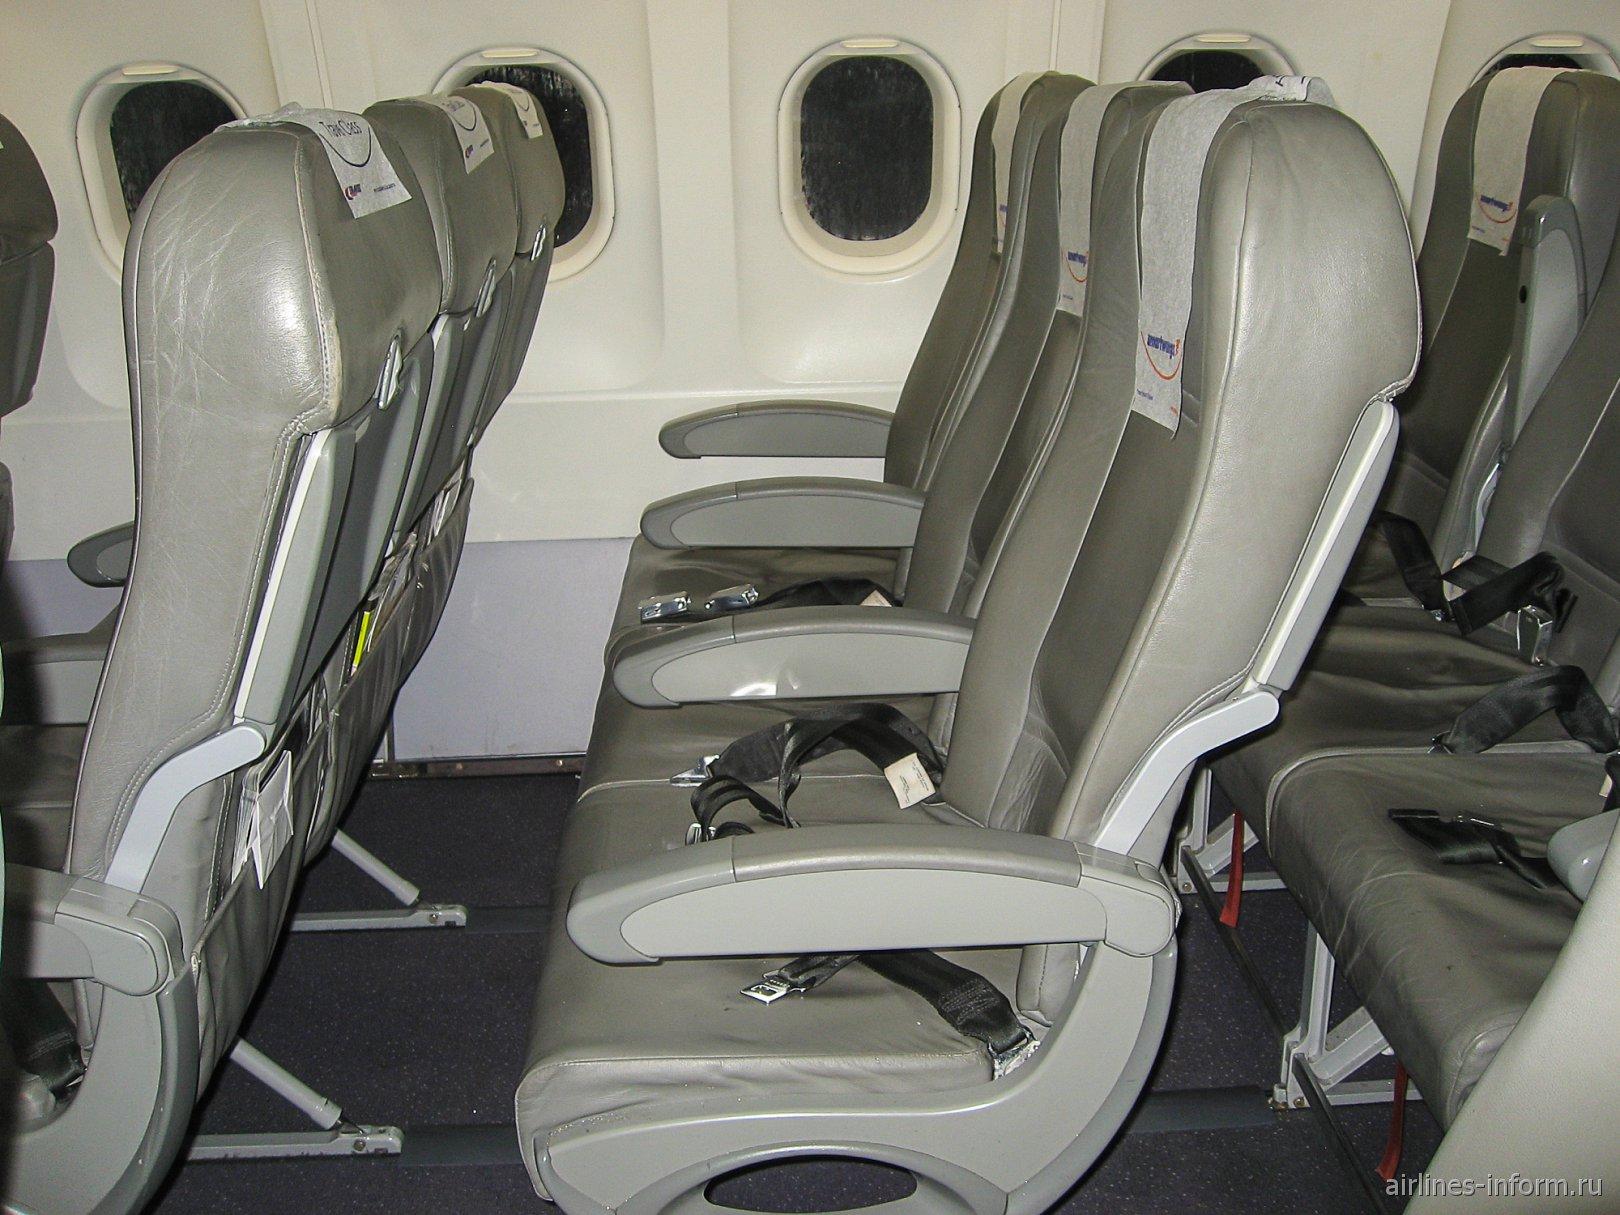 Пассажирские кресла в самолете Airbus A320 авиакомпании Nouvelair